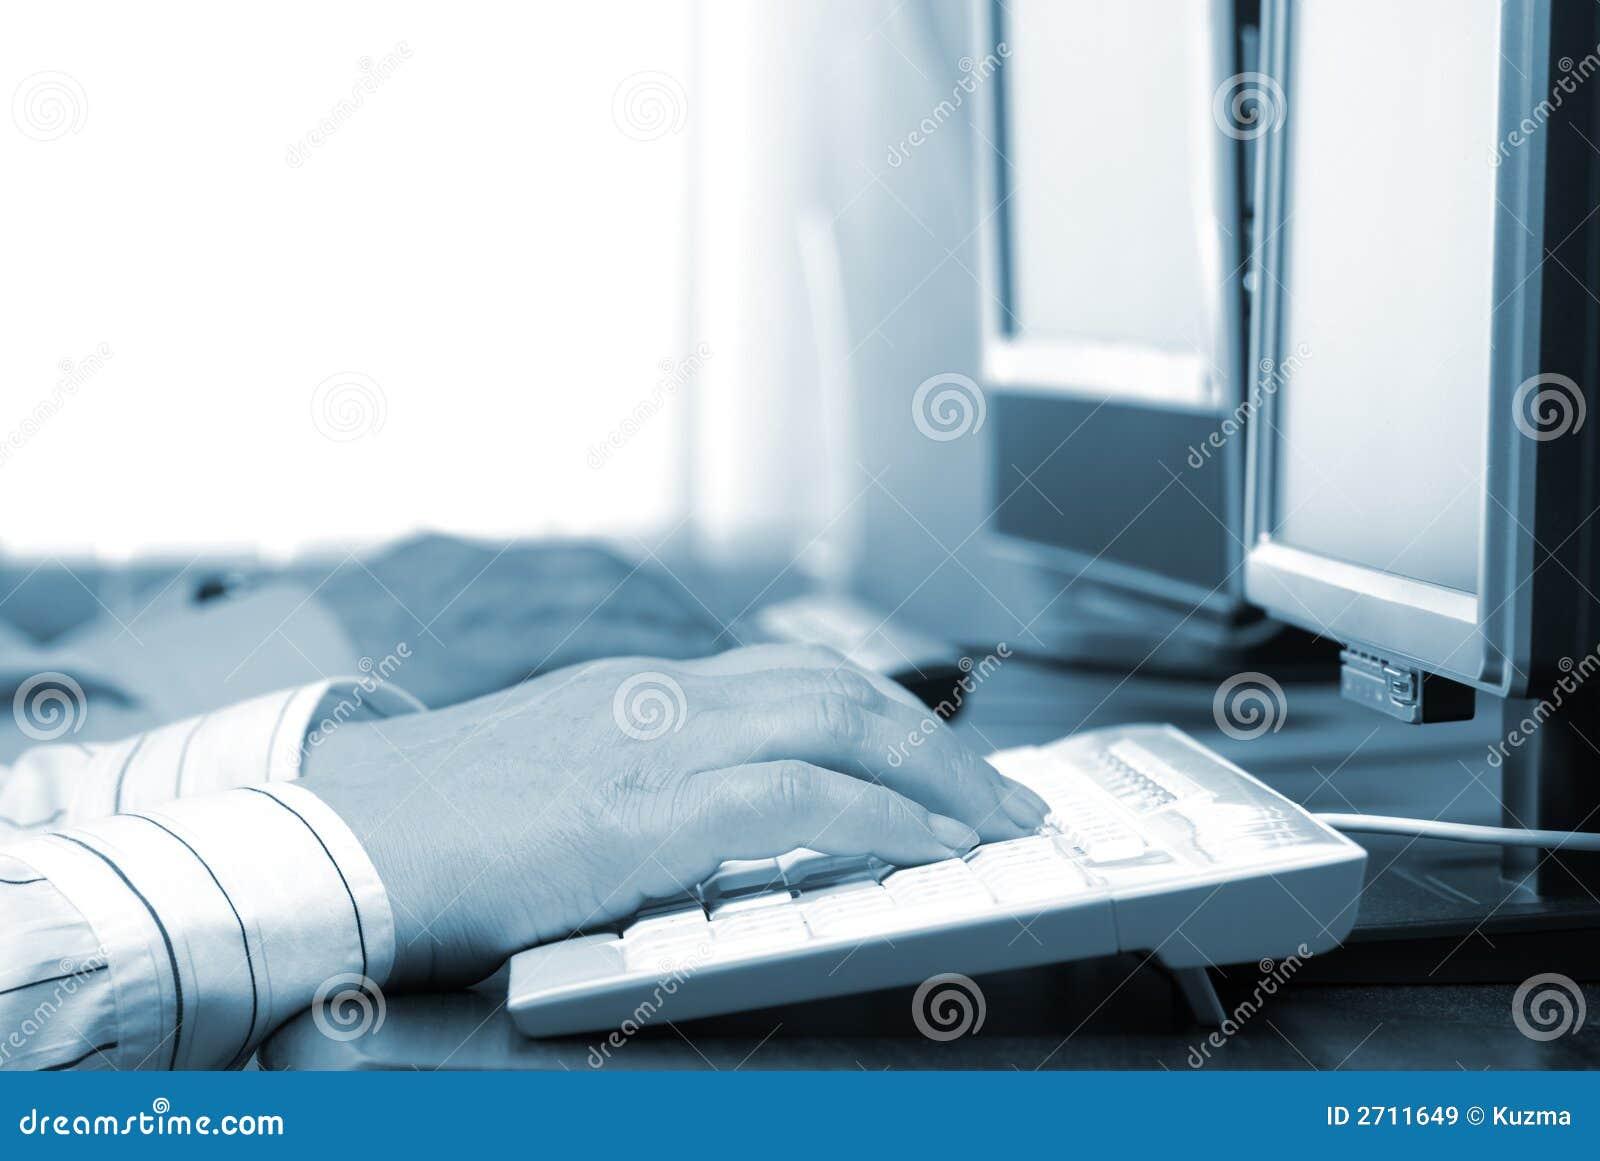 Travail de bureau images libres de droits image 2711649 for Photos gratuites travail bureau